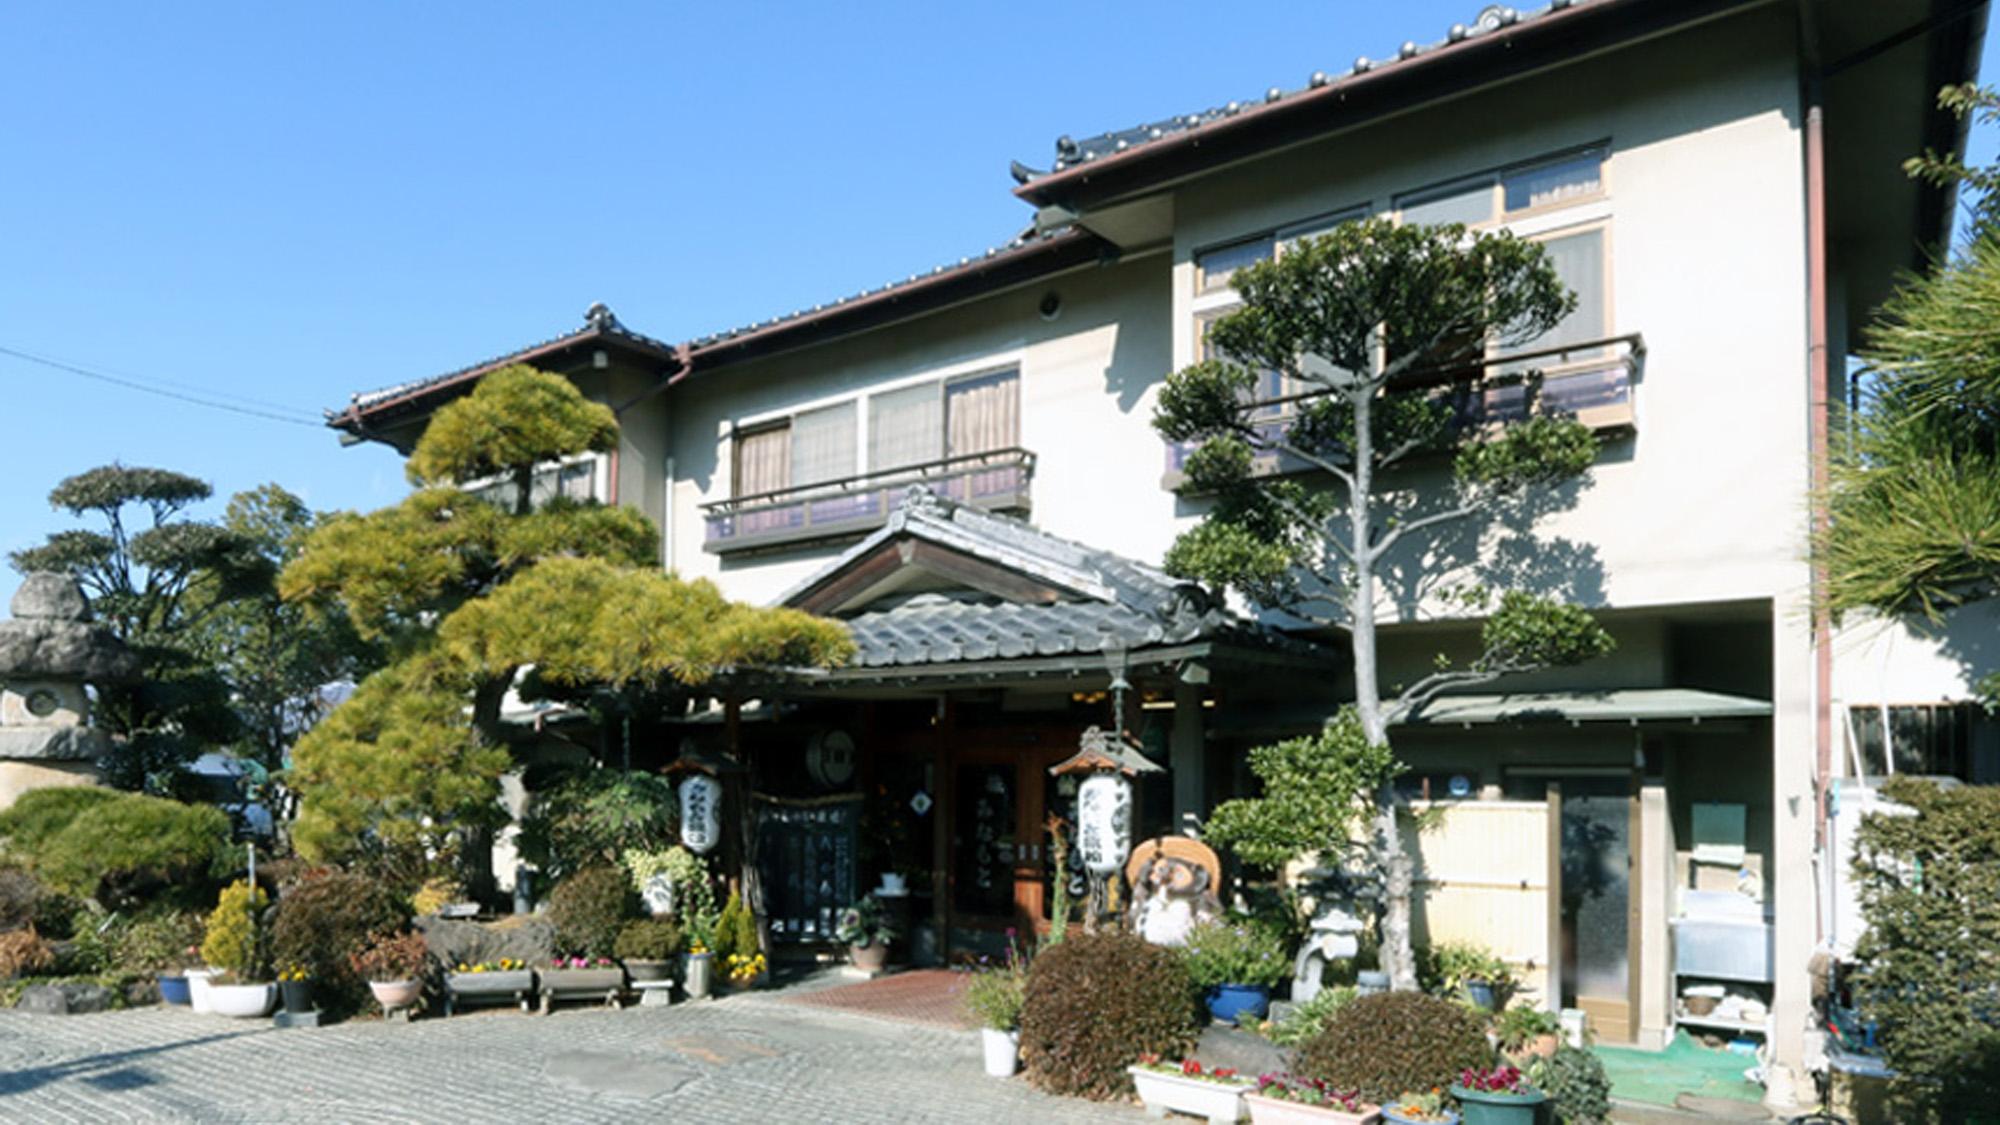 石和温泉で、観光地に近く、素泊まりプランがあるところを探しています。